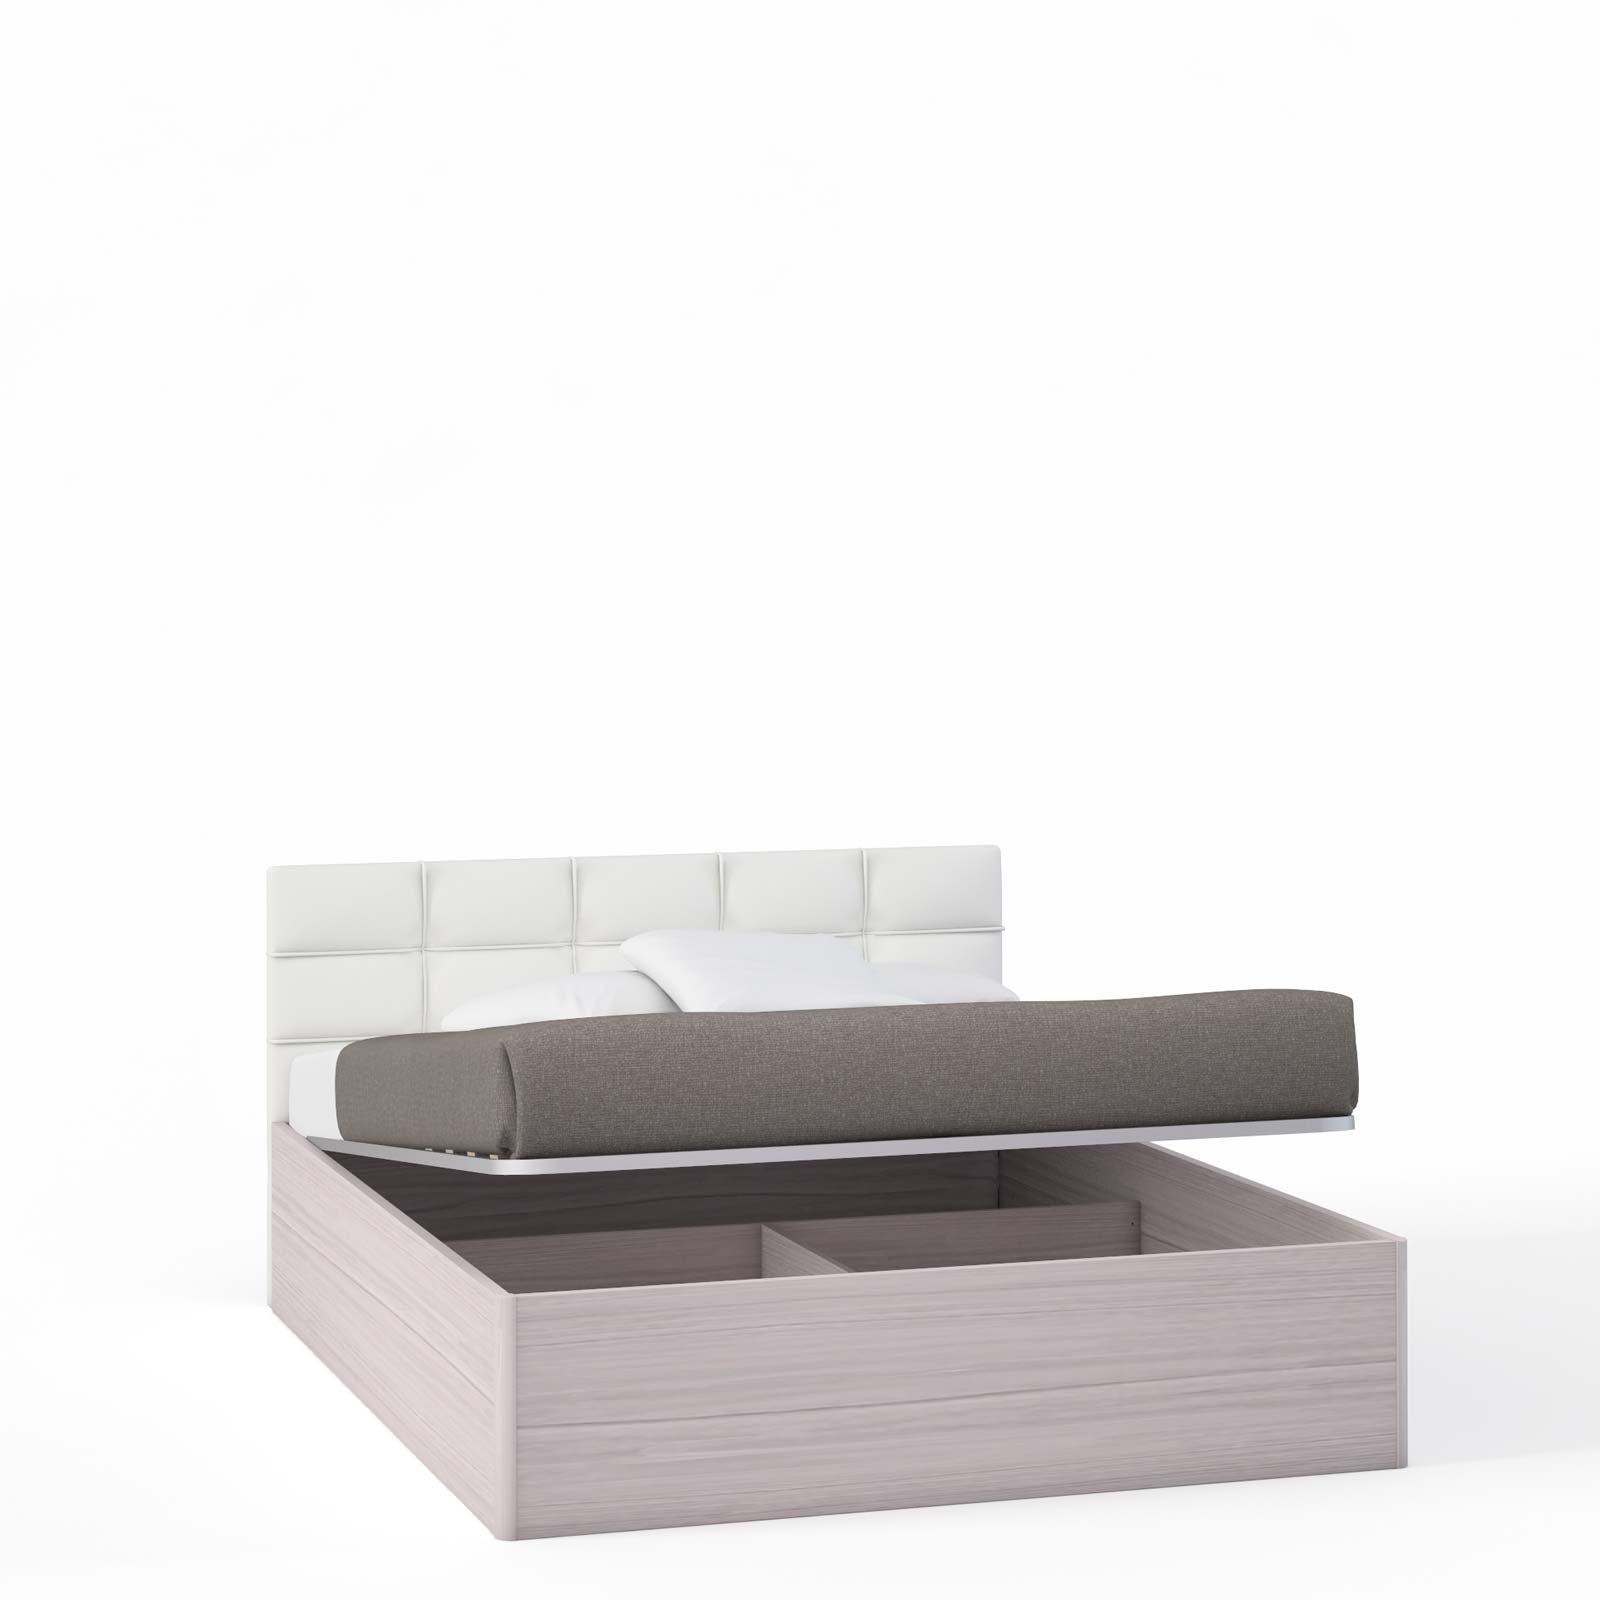 Спальня Rimini Ice Кровать 2 сп. с п/м, мягк.изг.белое (1600) - 5472